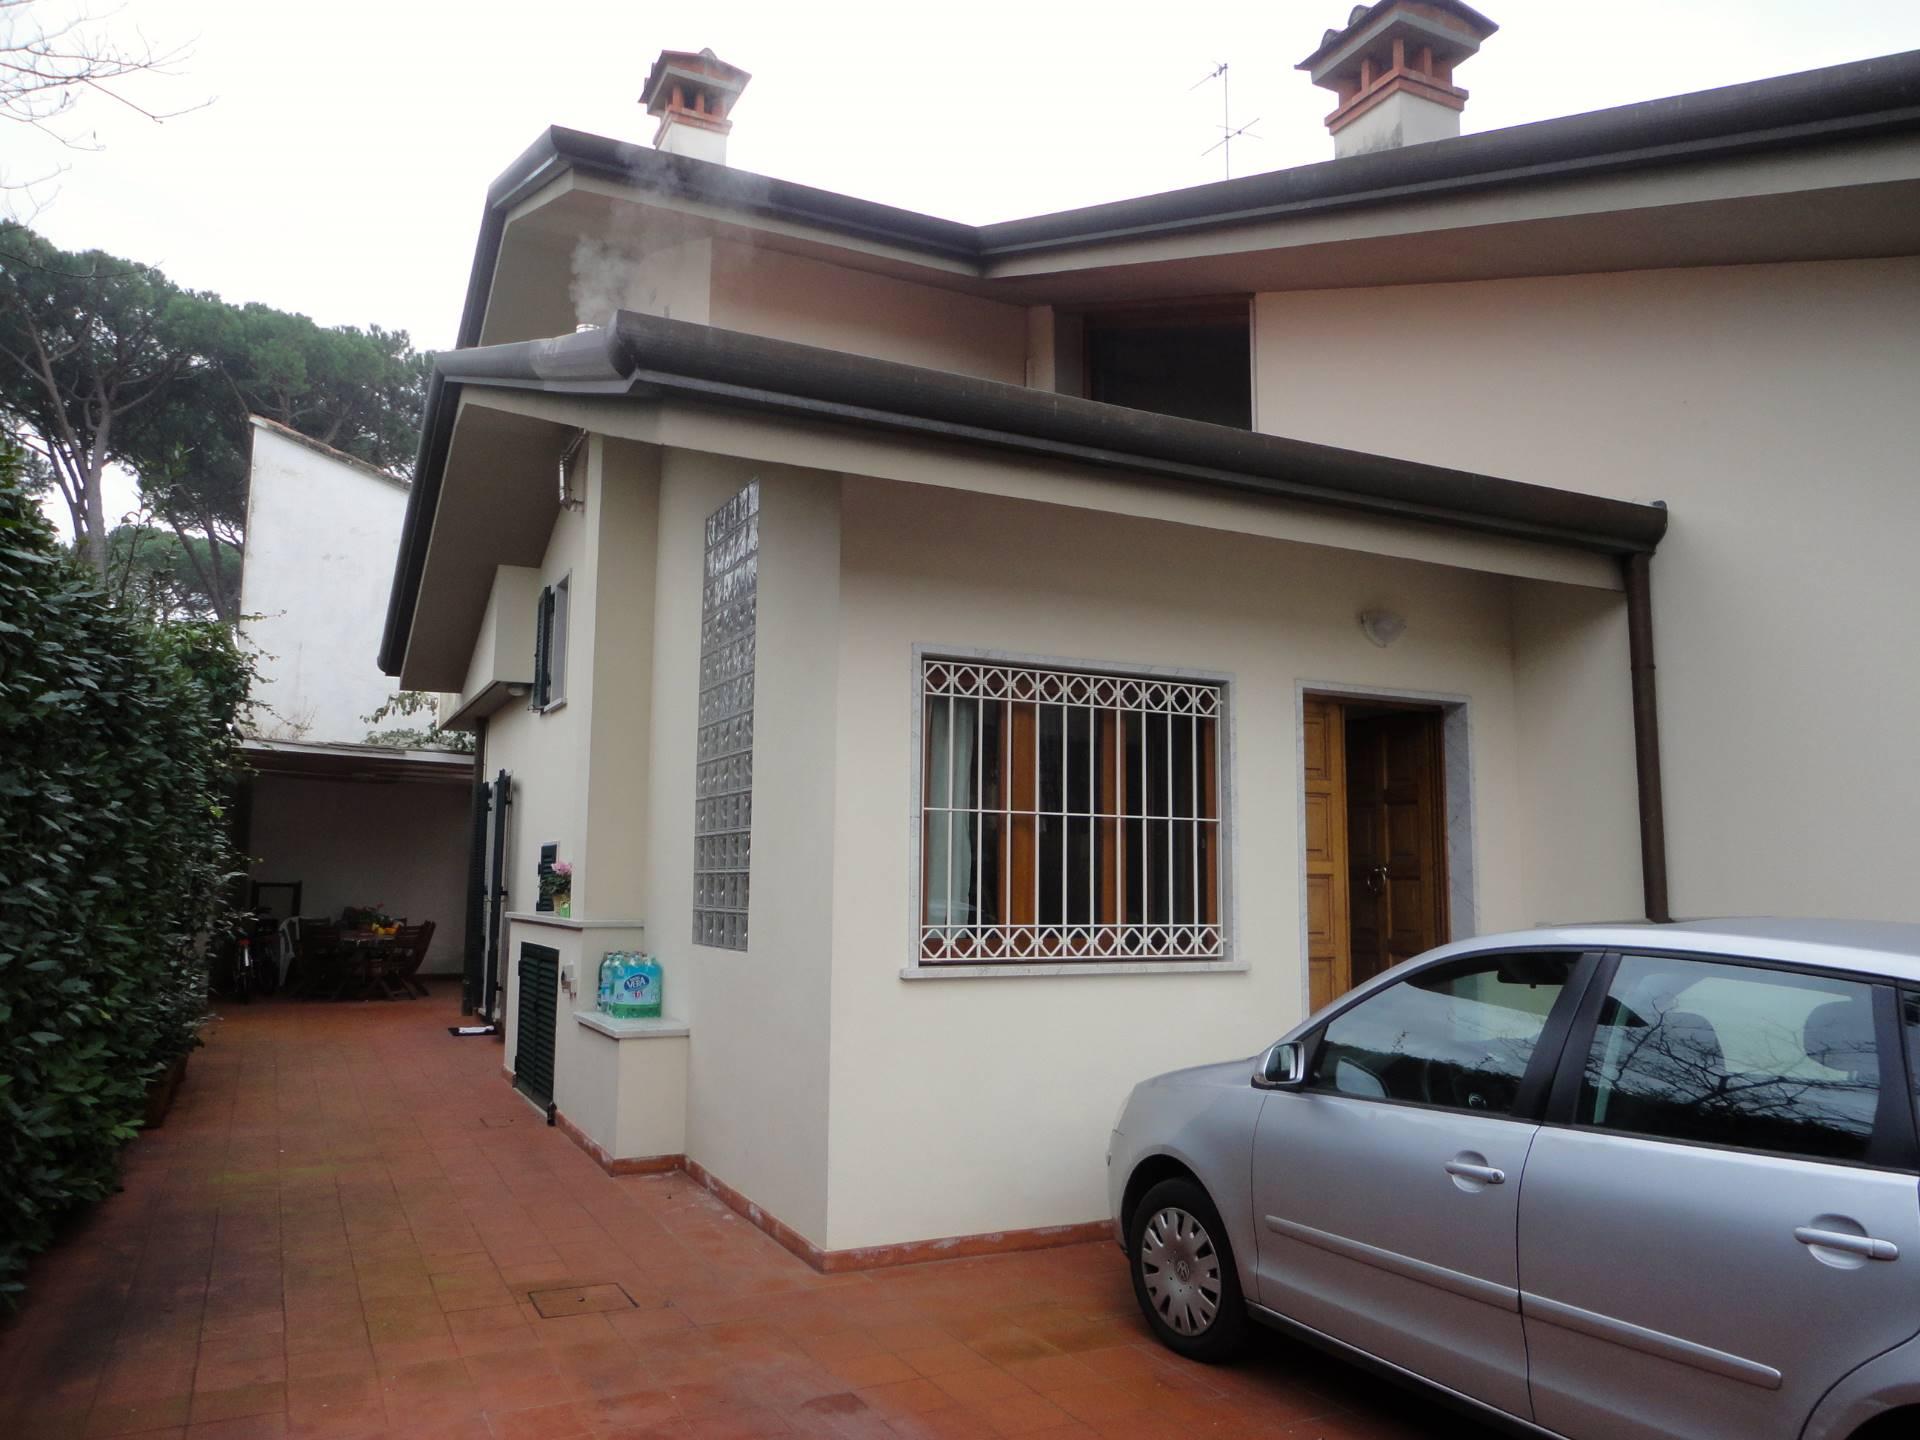 affitto villa bifamiliare forte dei marmi centro  6 locali  120 mq